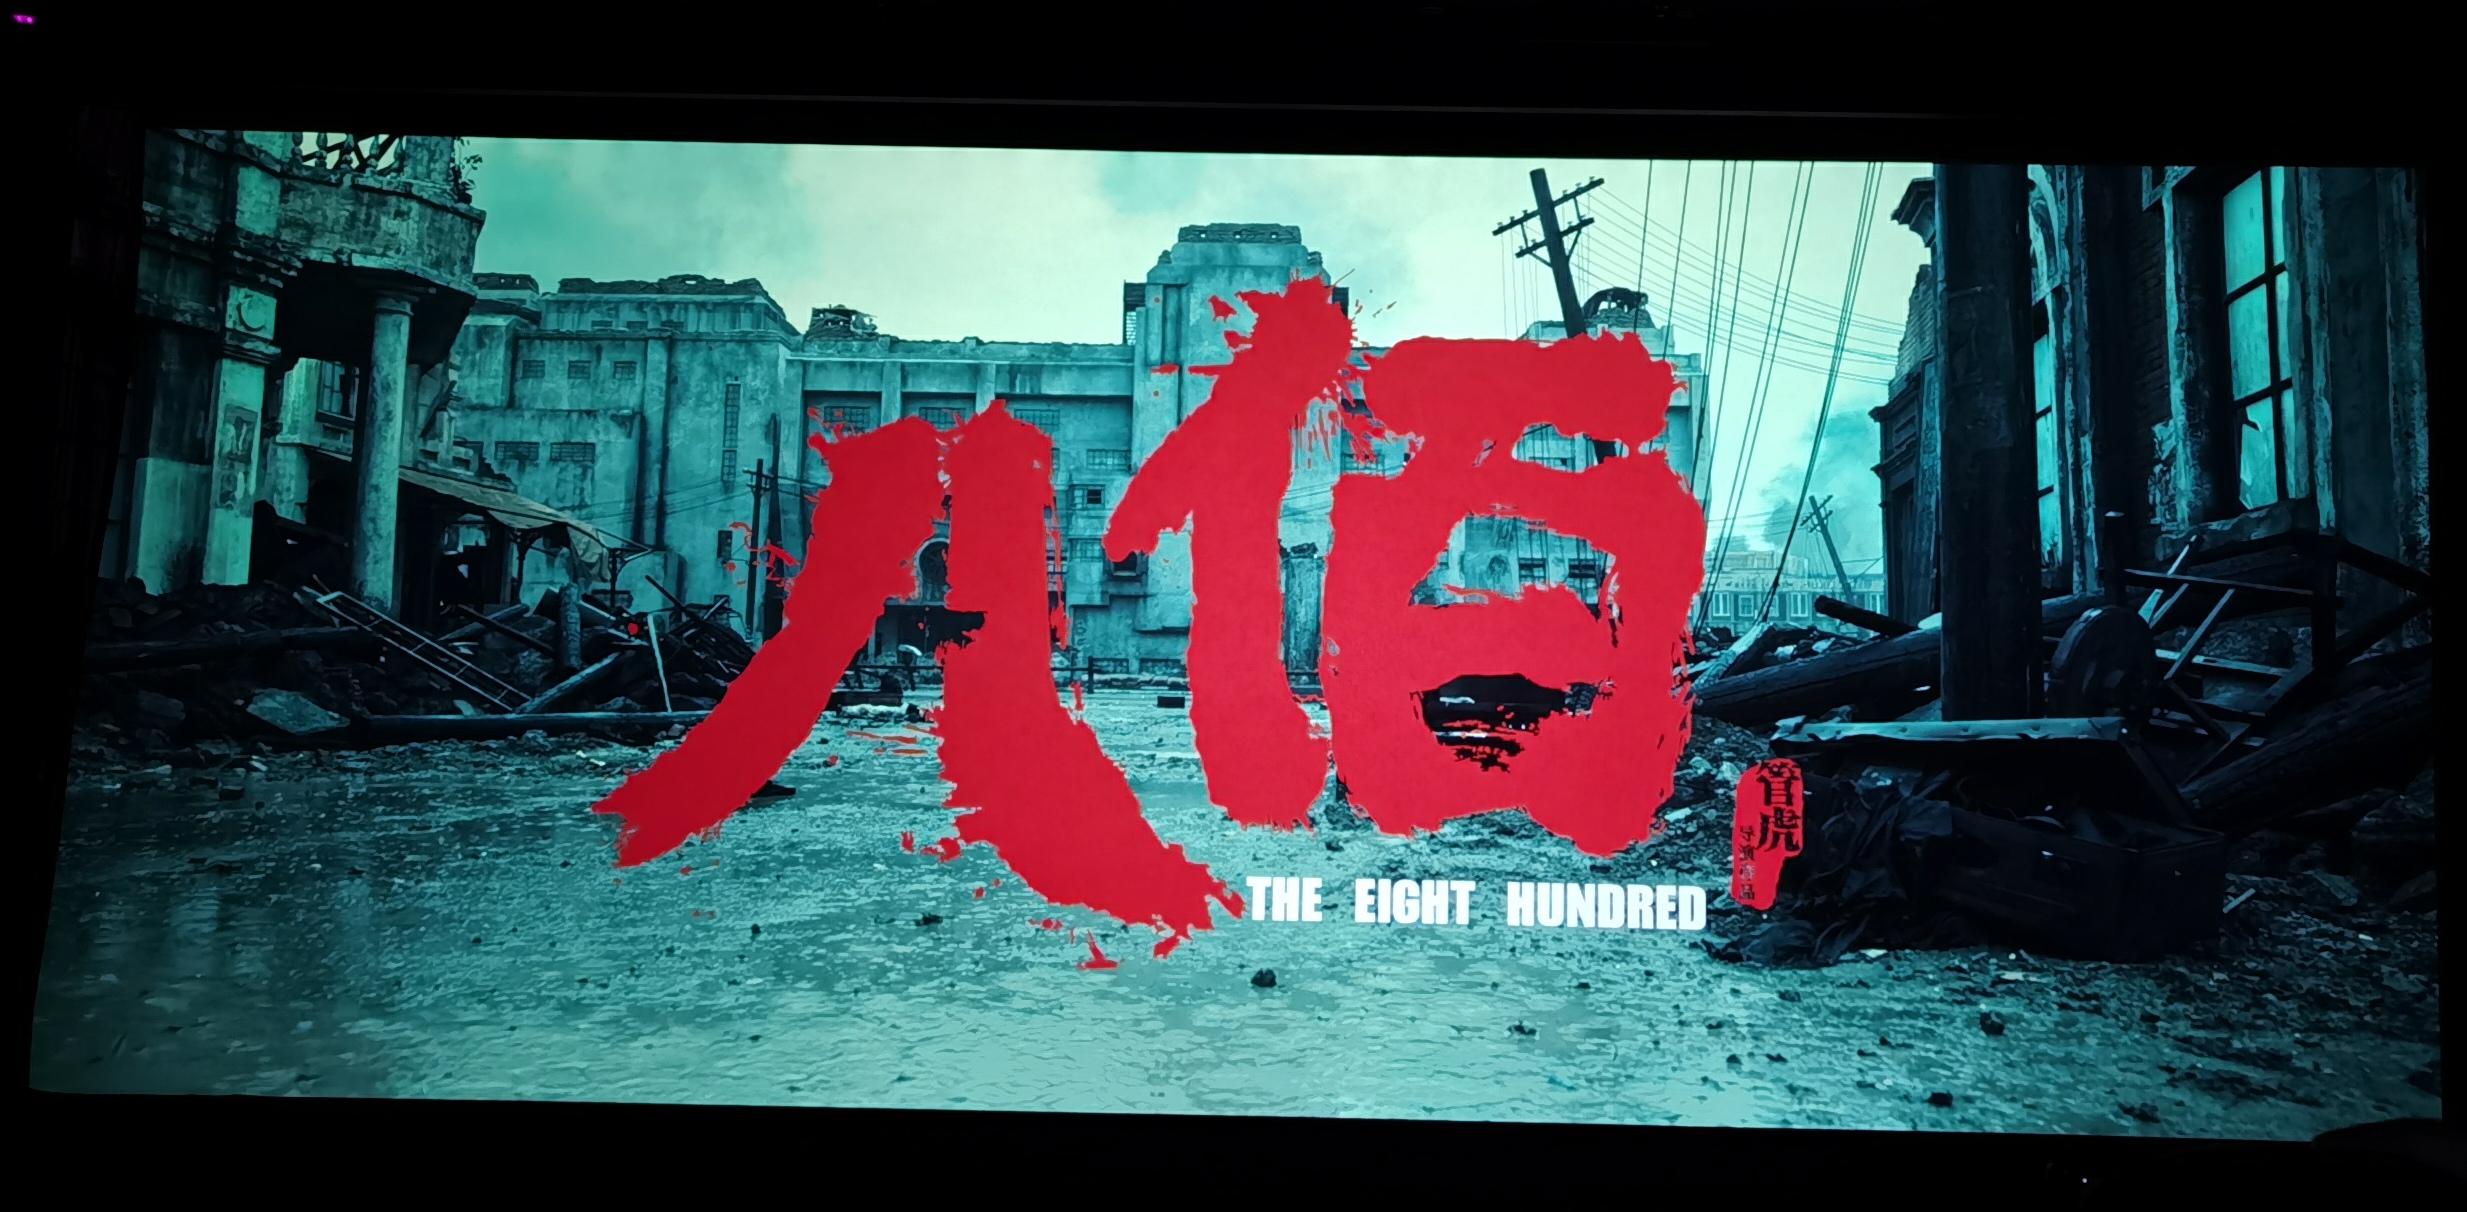 电影八佰中的四大去死镜头,让每个中国人都骄傲,有剧透